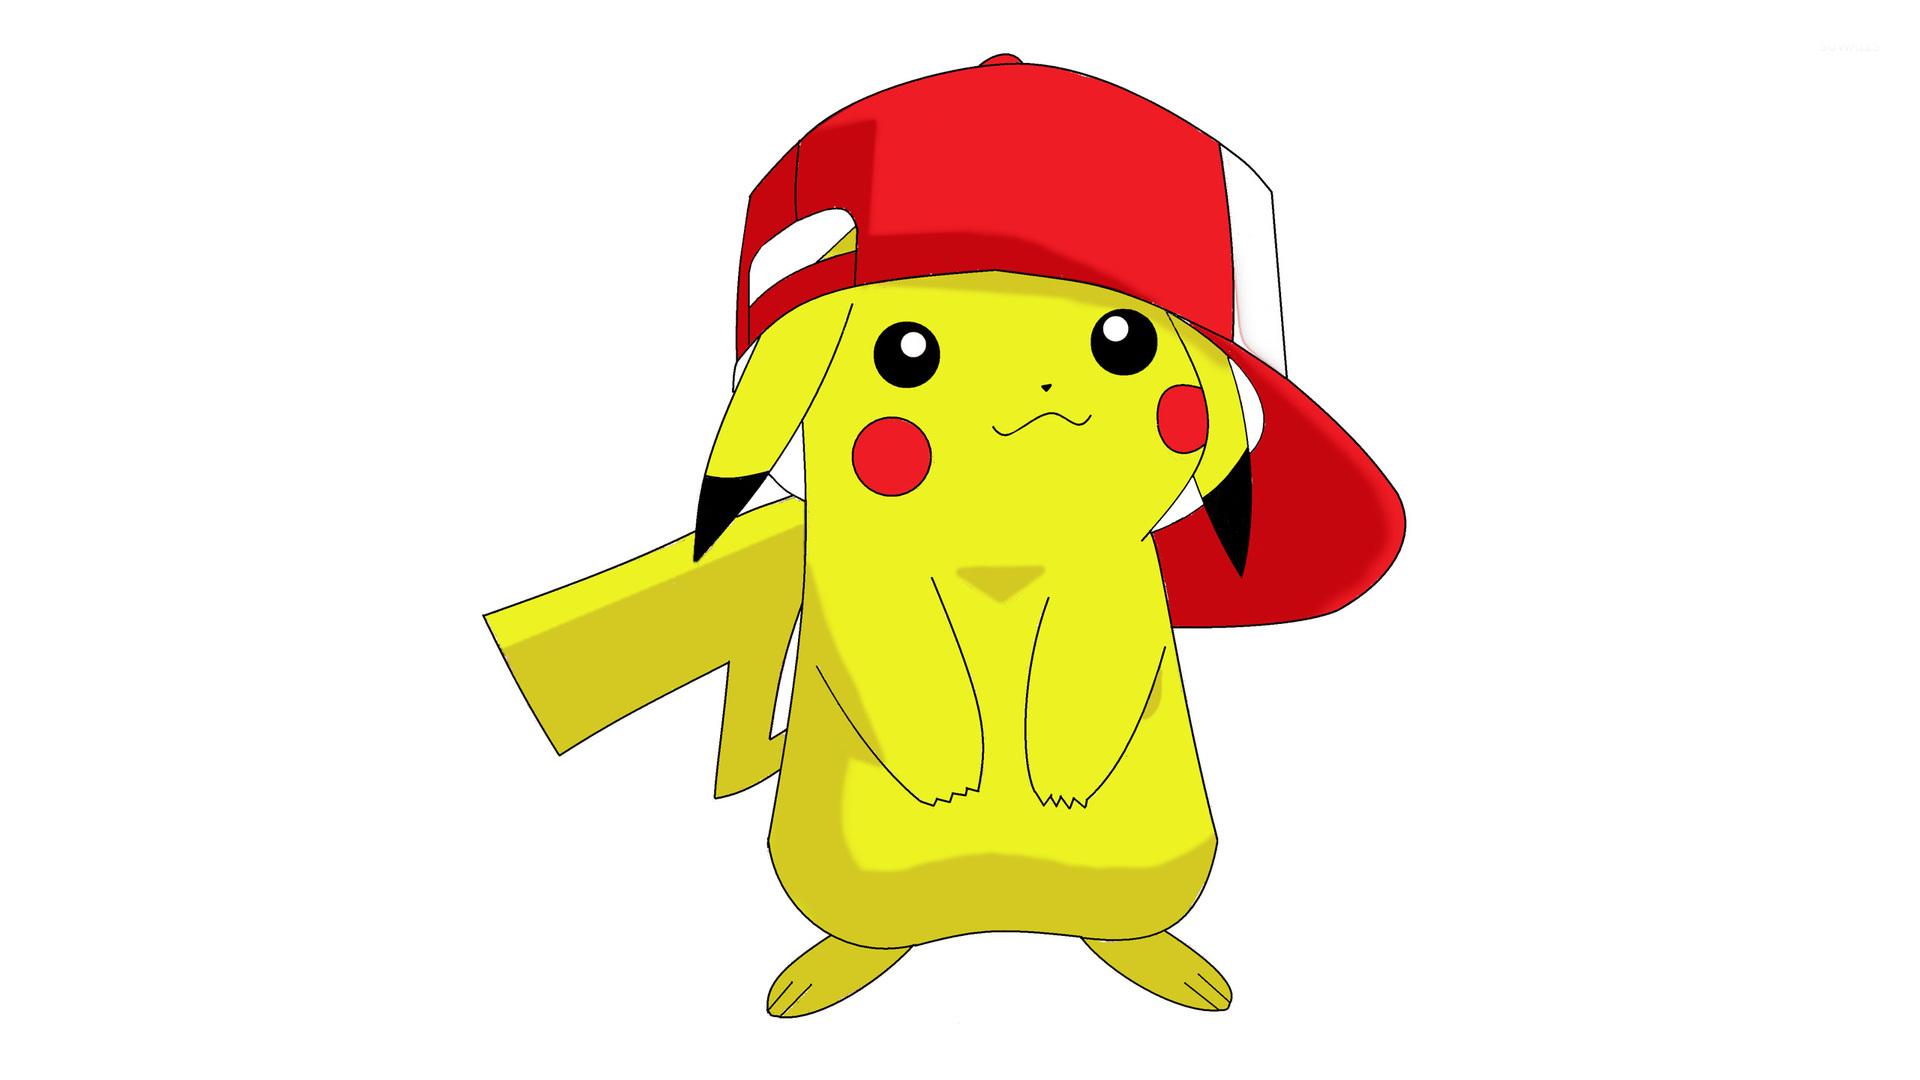 Pikachu wallpaper 1920x1080 1920x1080